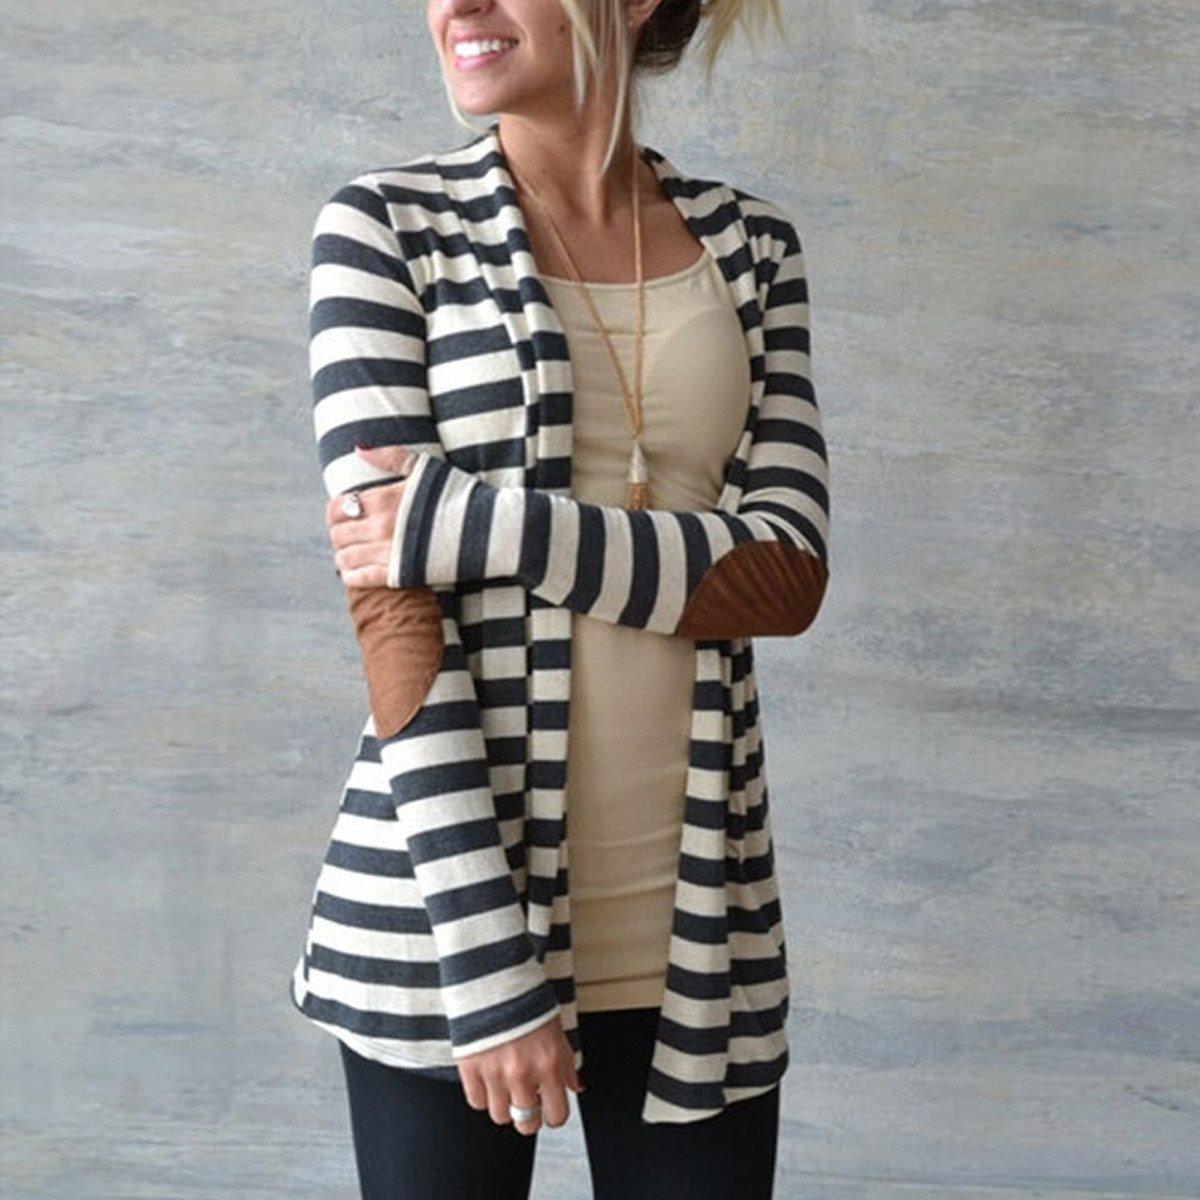 ZANZEA moda 2018 otoño prendas de vestir exteriores de manga larga rayas impresas Rebeca ocasional suéter hecho punto remiendo del codo más tamaño